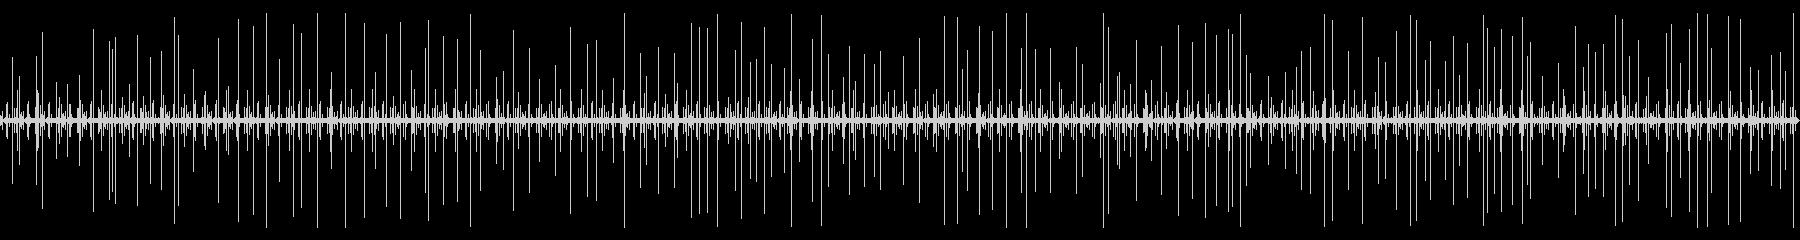 [生録音]レコード再生ノイズ04(5分)の未再生の波形